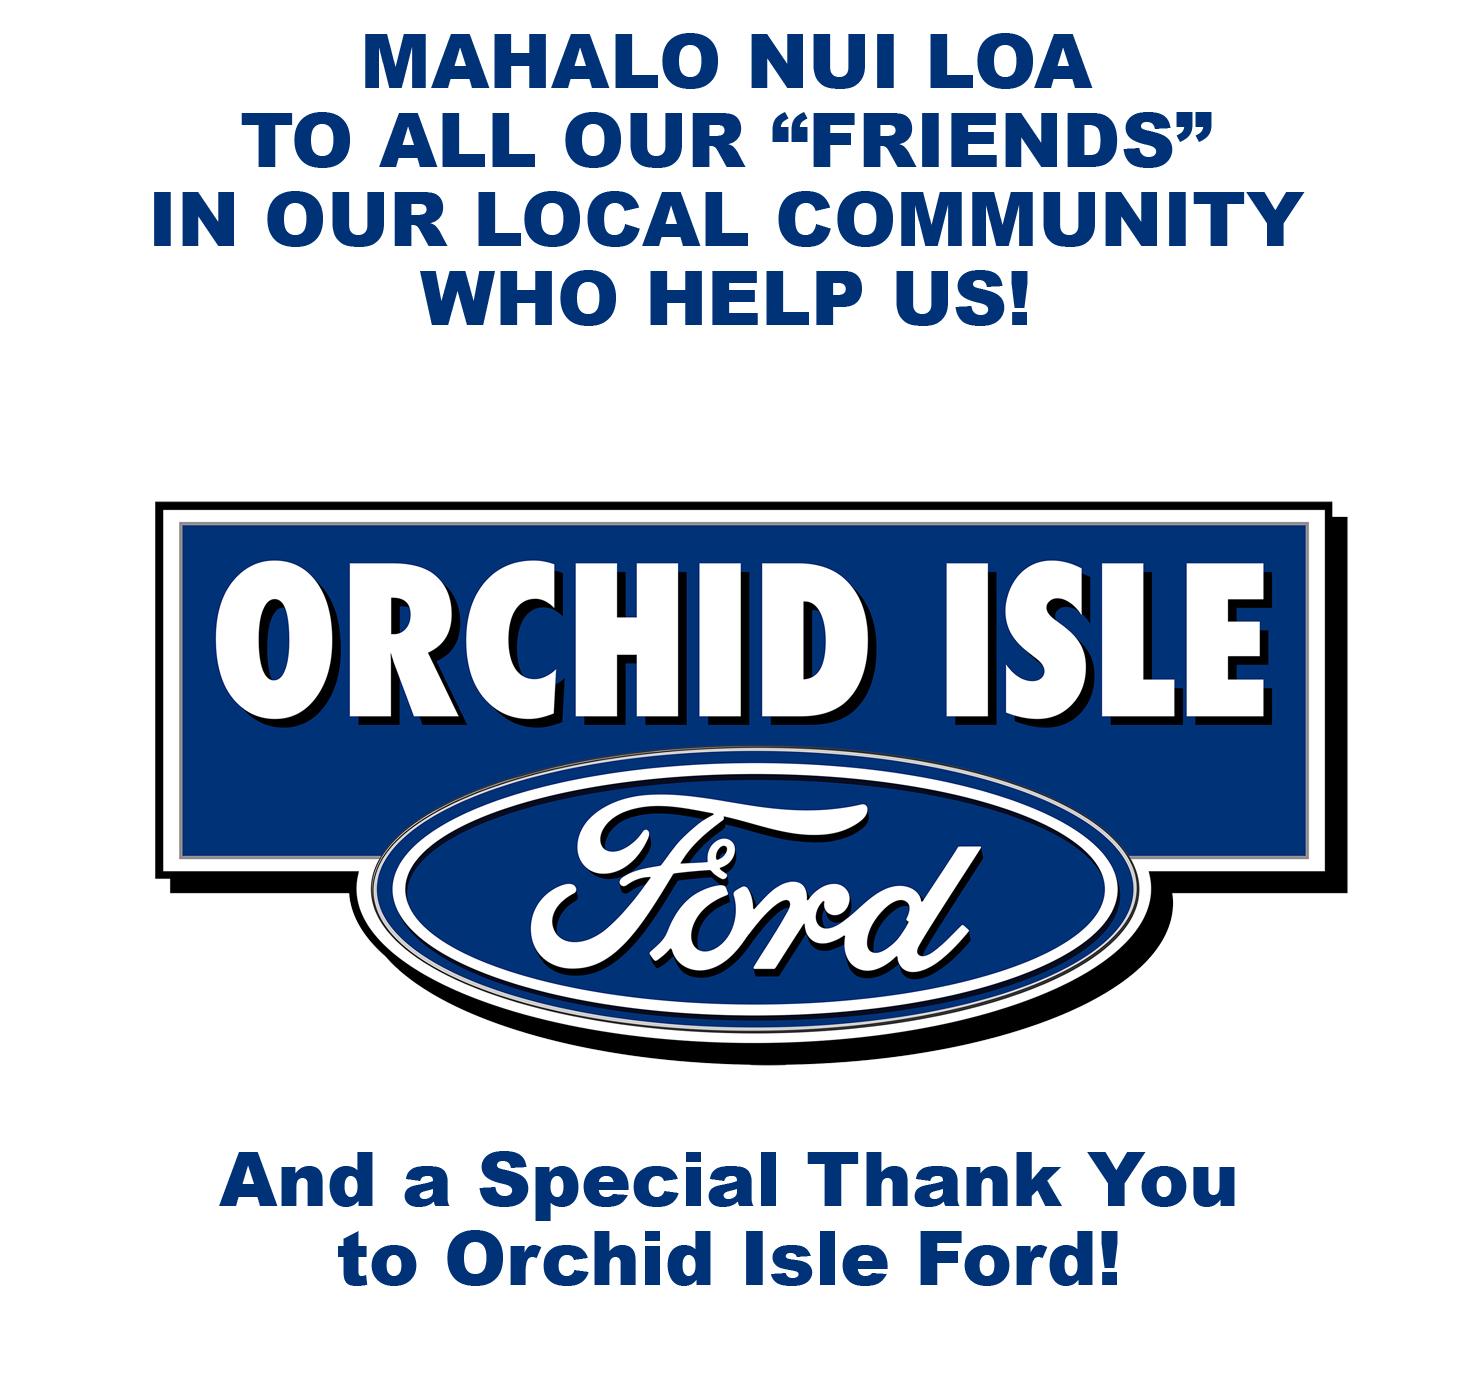 Mahalo OI Ford